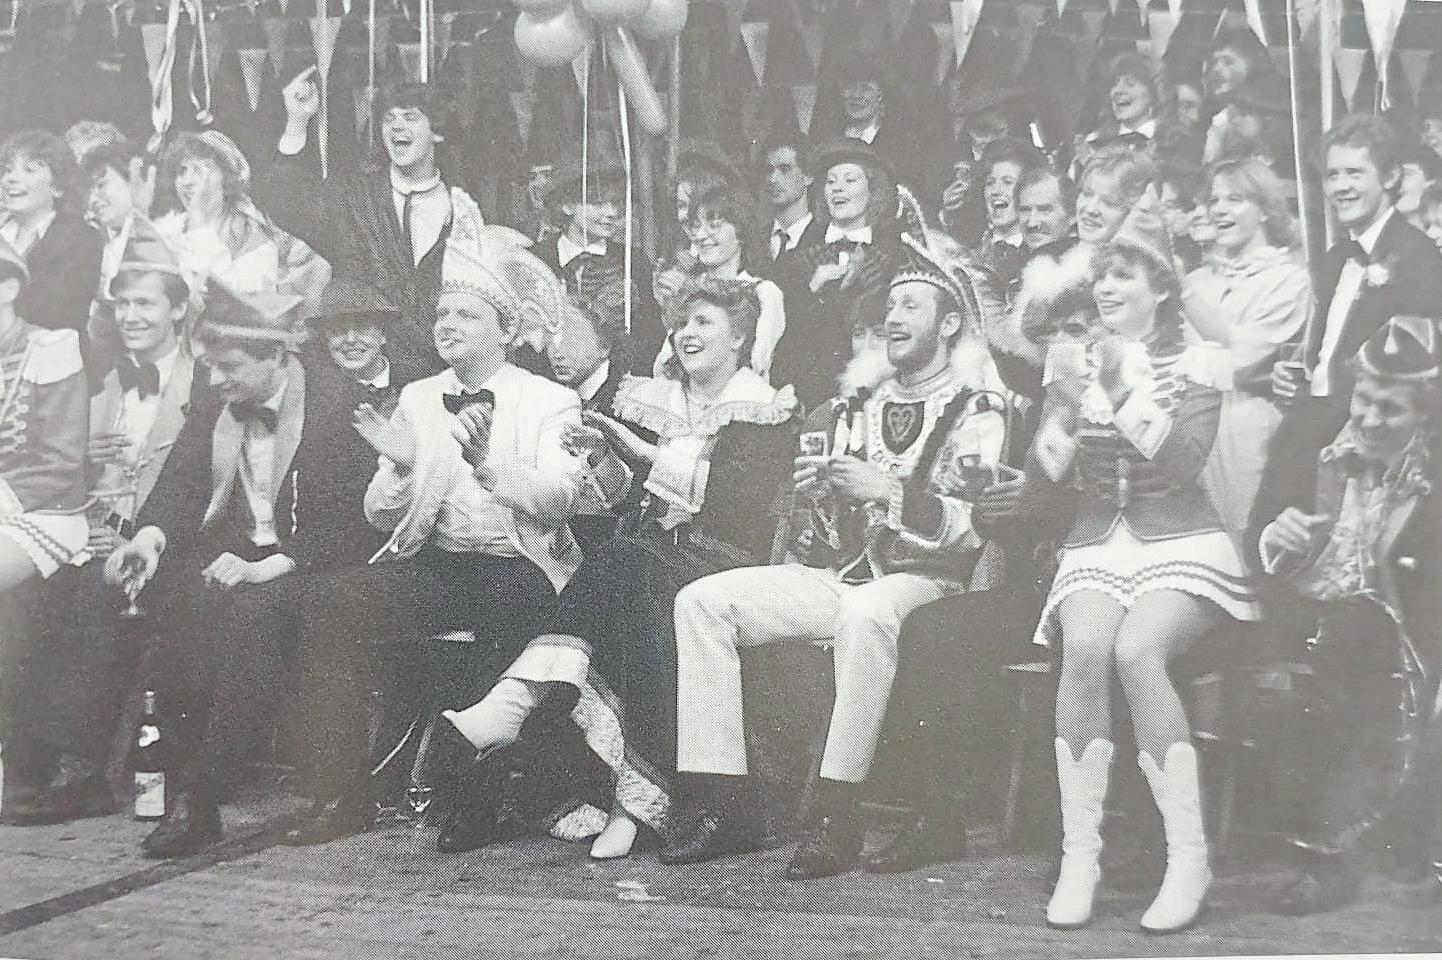 1985 nahmen Prinz und Präsident für den besseren Überblick kurzerhand im Publikum Platz.